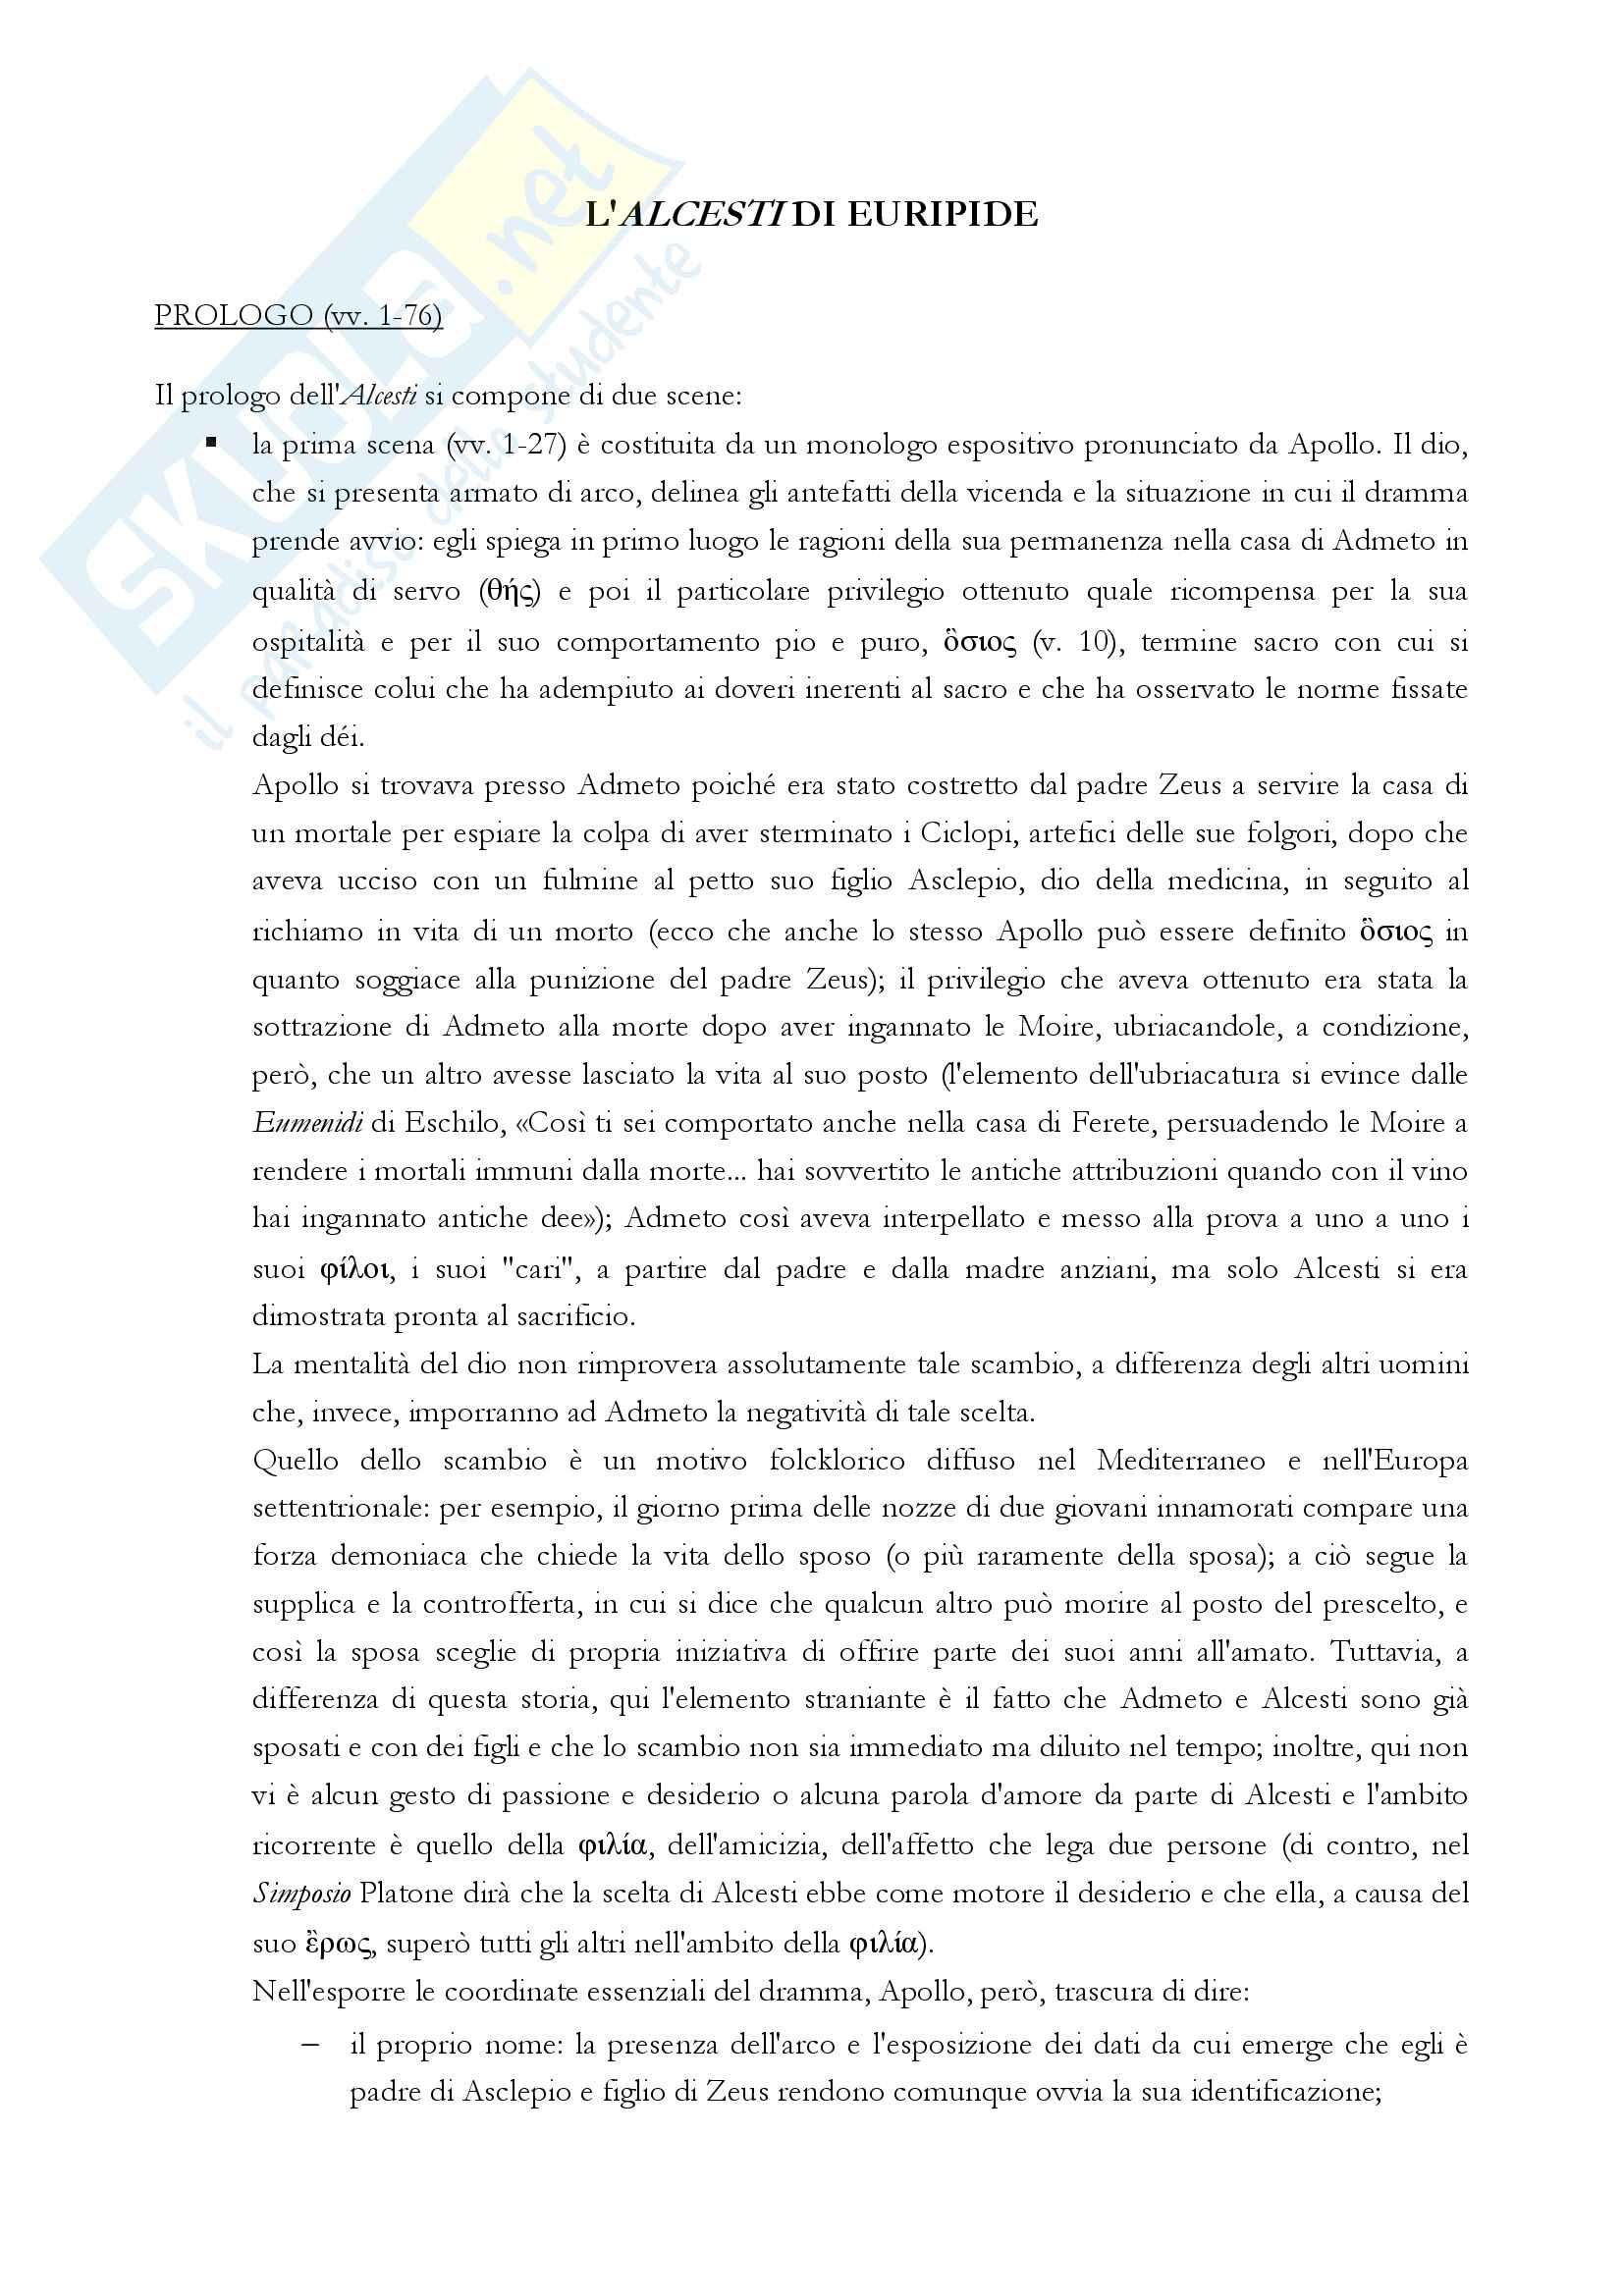 Alcesti, Euripide